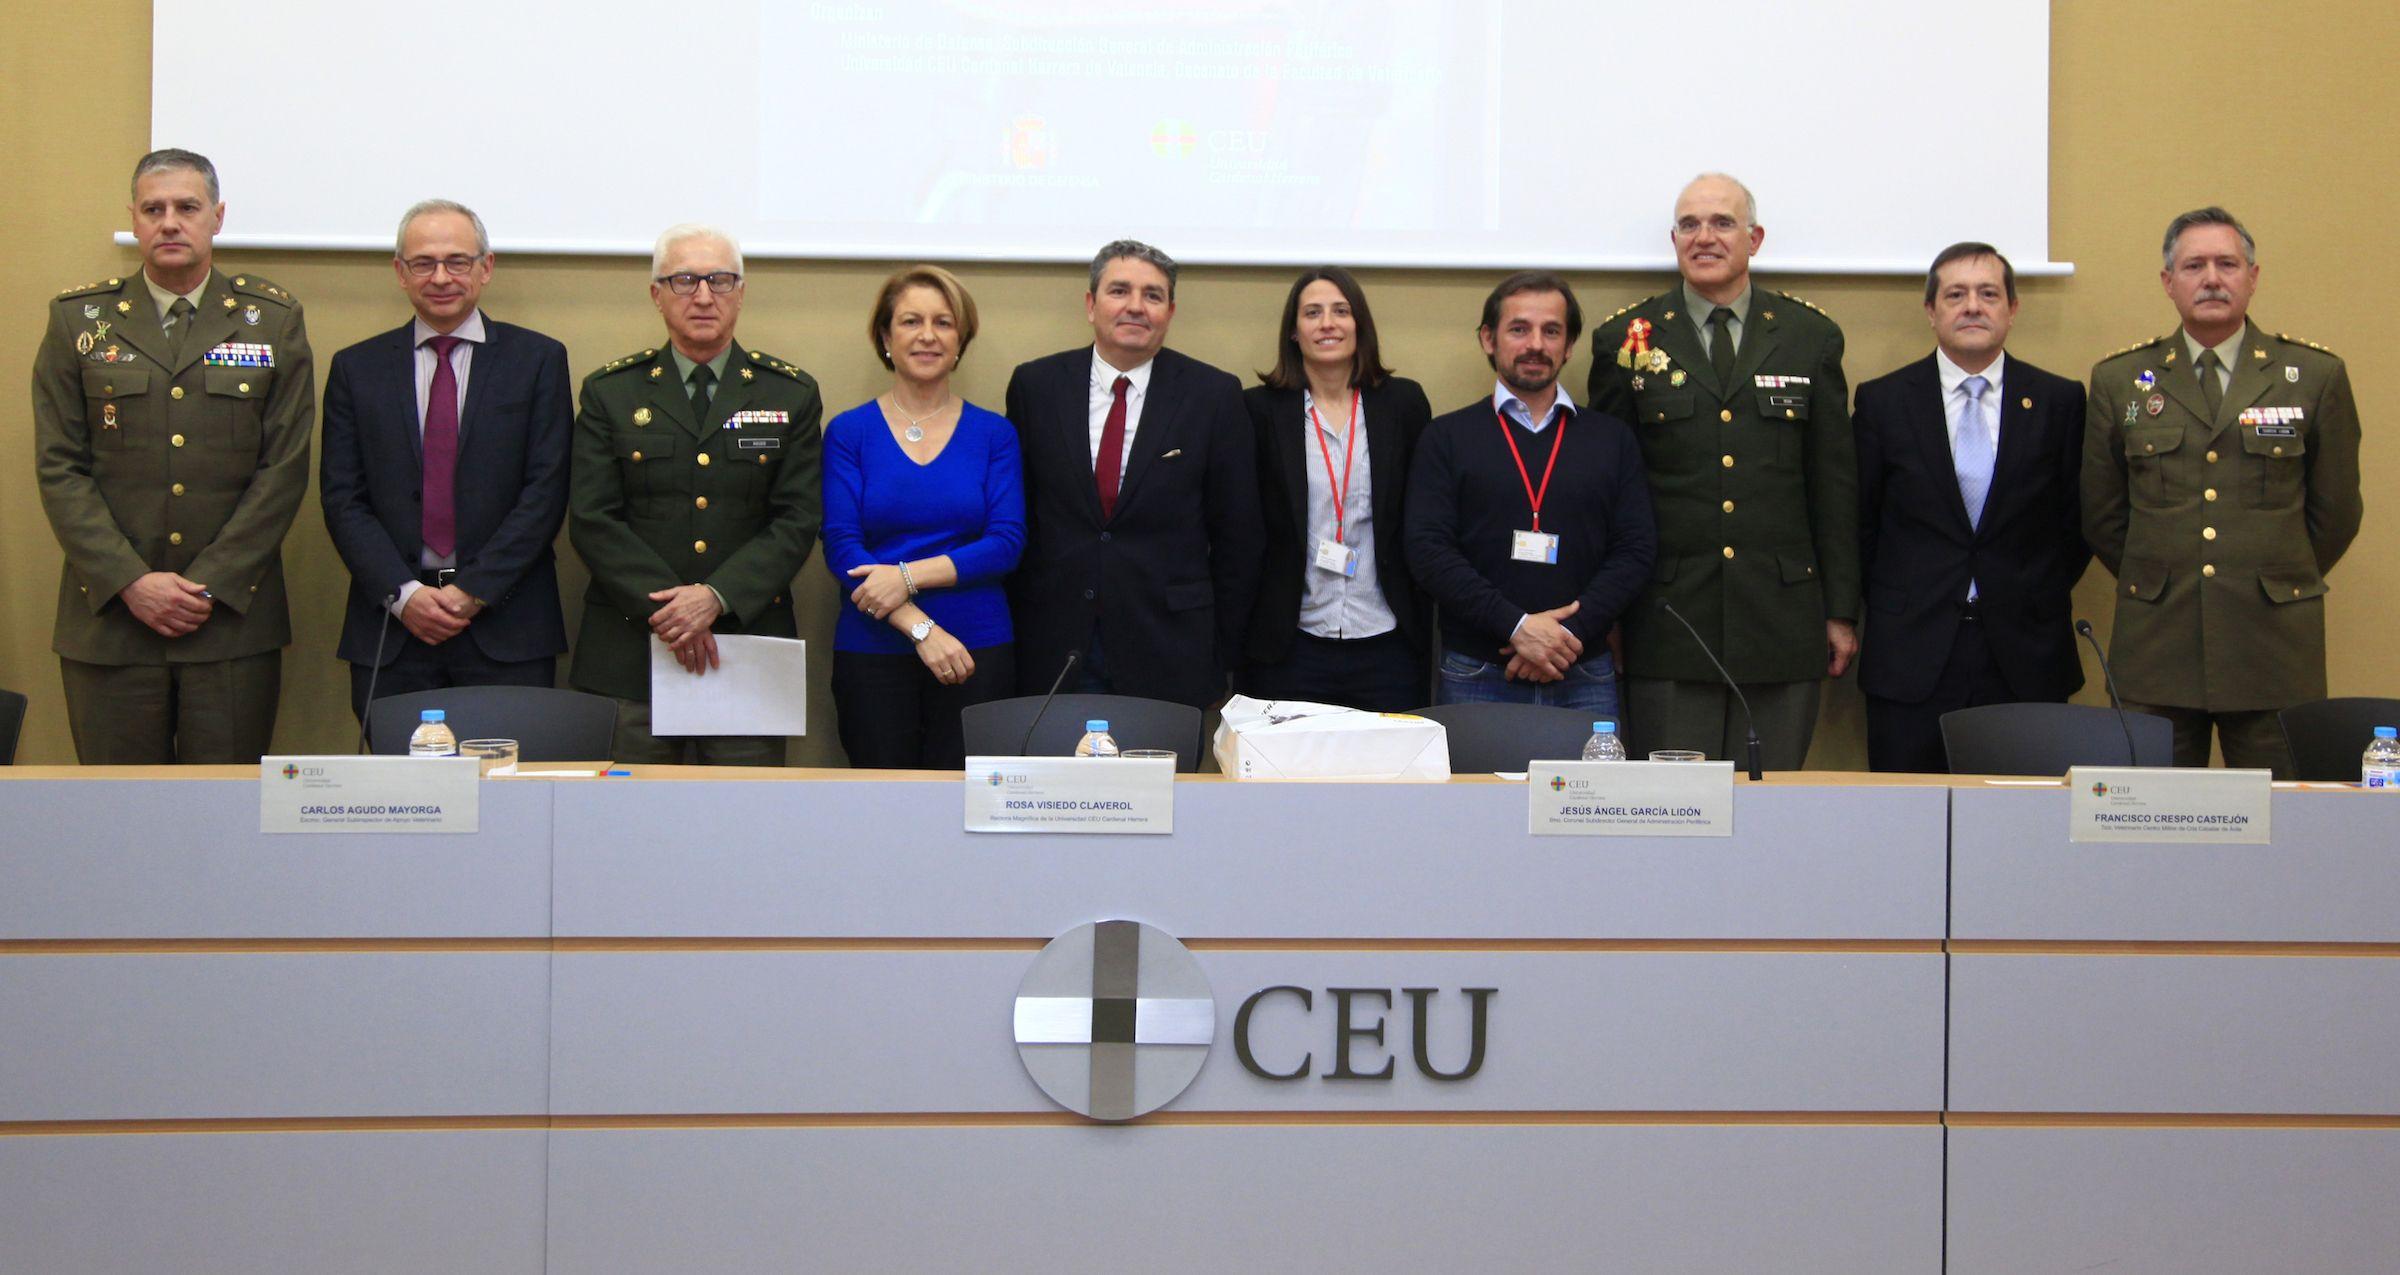 Ponentes y representantes de la CEU UCH y la la Subdelegación General de Administración Periférica del Ministerio de Defensa, en la Jornada de Cría Caballar.